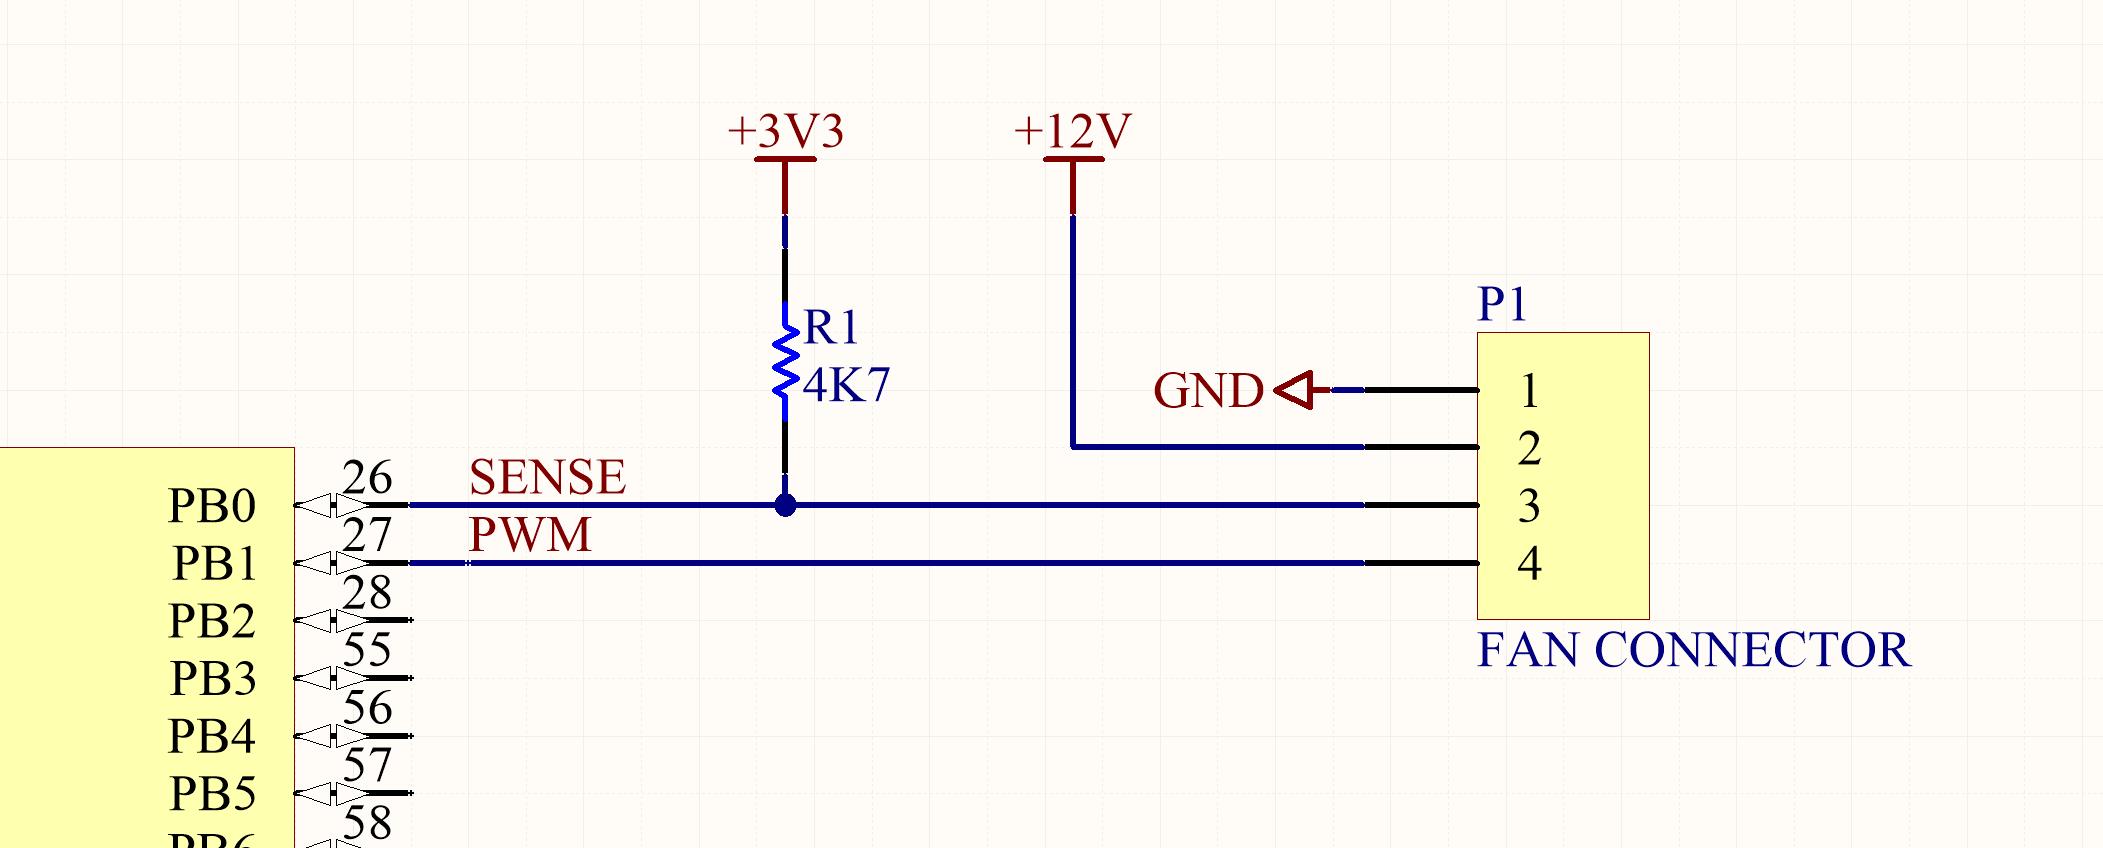 4핀 쿨러 핀맵과 속도제어 및 RPM 센싱 방법